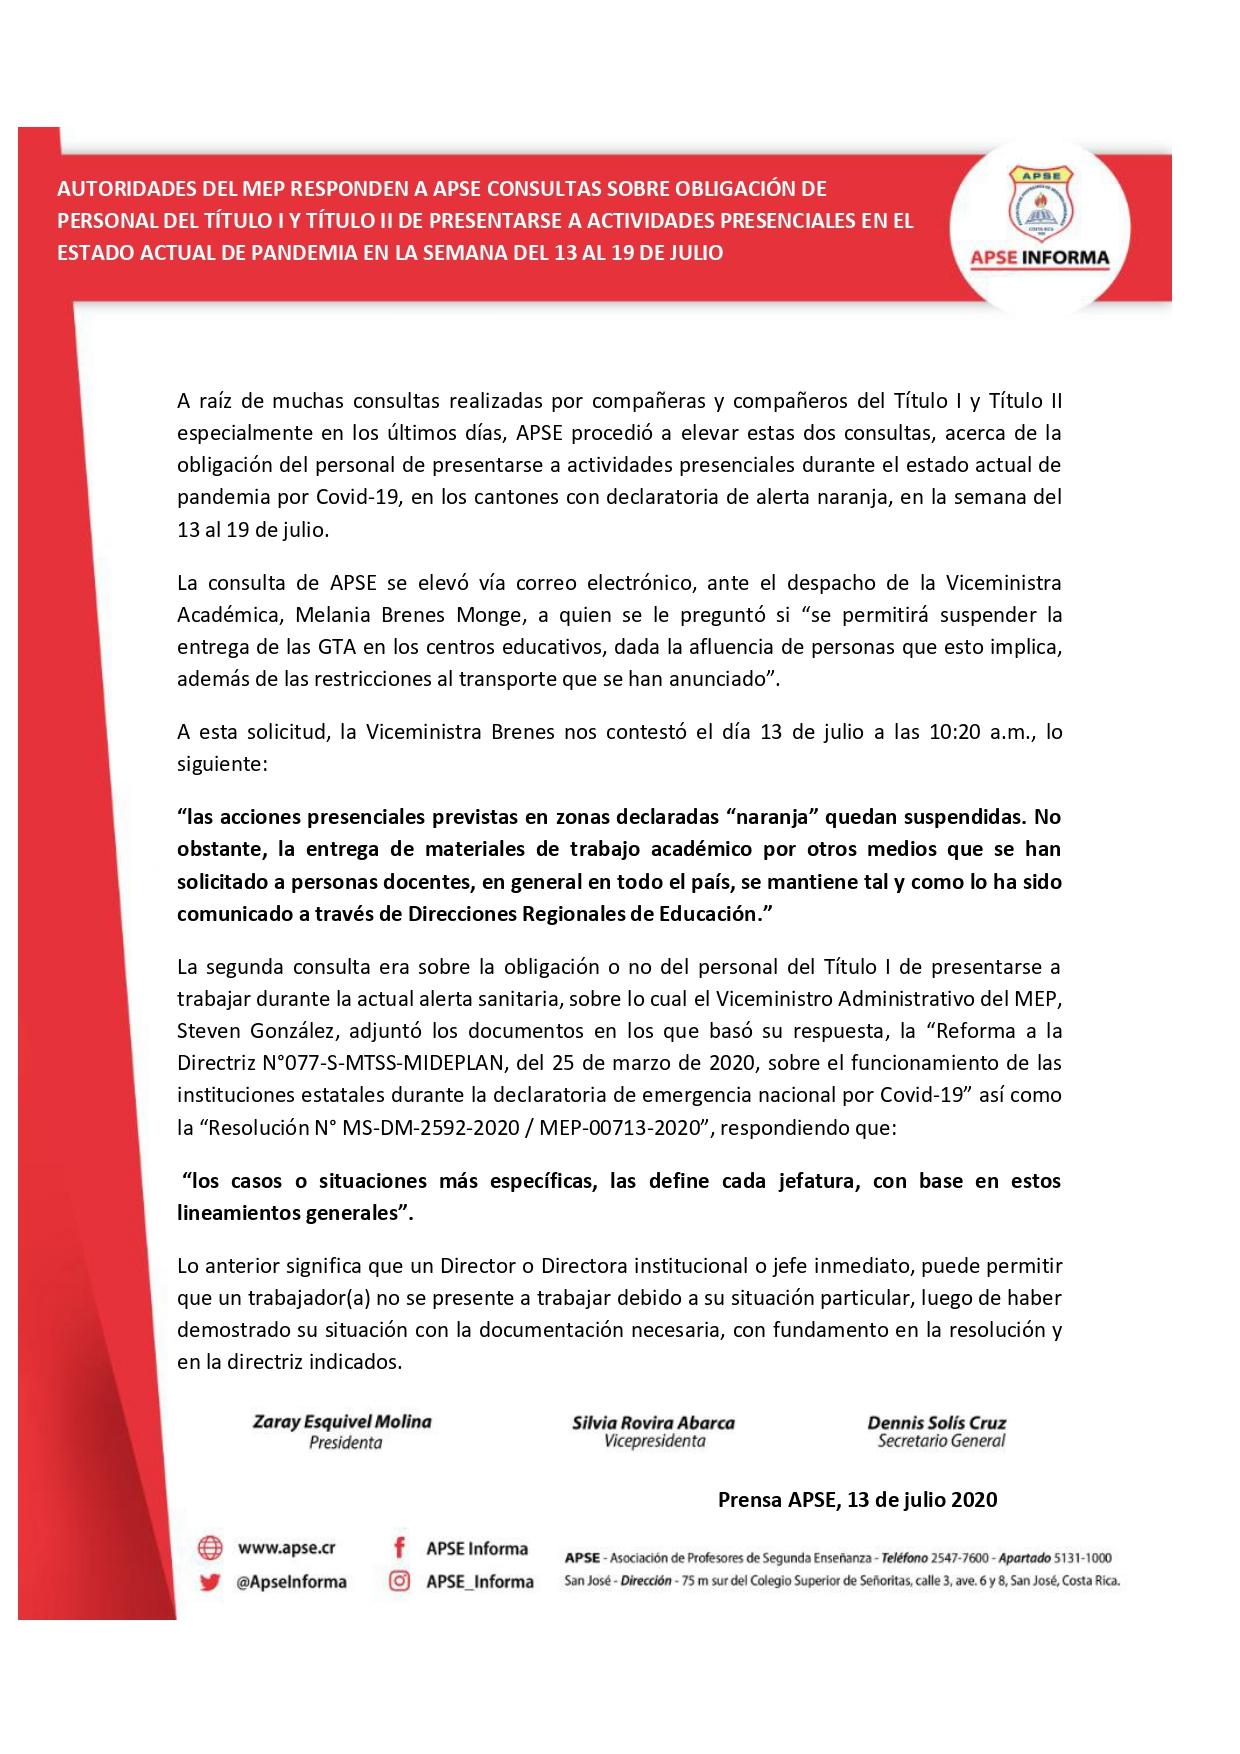 AUTORIDADES DEL MEP RESPONDEN A APSE CONSULTAS SOBRE OBLIGACIÓN DE PERSONAL DEL TÍTULO I Y TÍTULO II DE PRESENTARSE A ACTIVIDADES PRESENCIALES EN EL ESTADO ACTUAL DE PANDEMIA EN LA SEMANA DEL 13 AL 19 DE JULIO